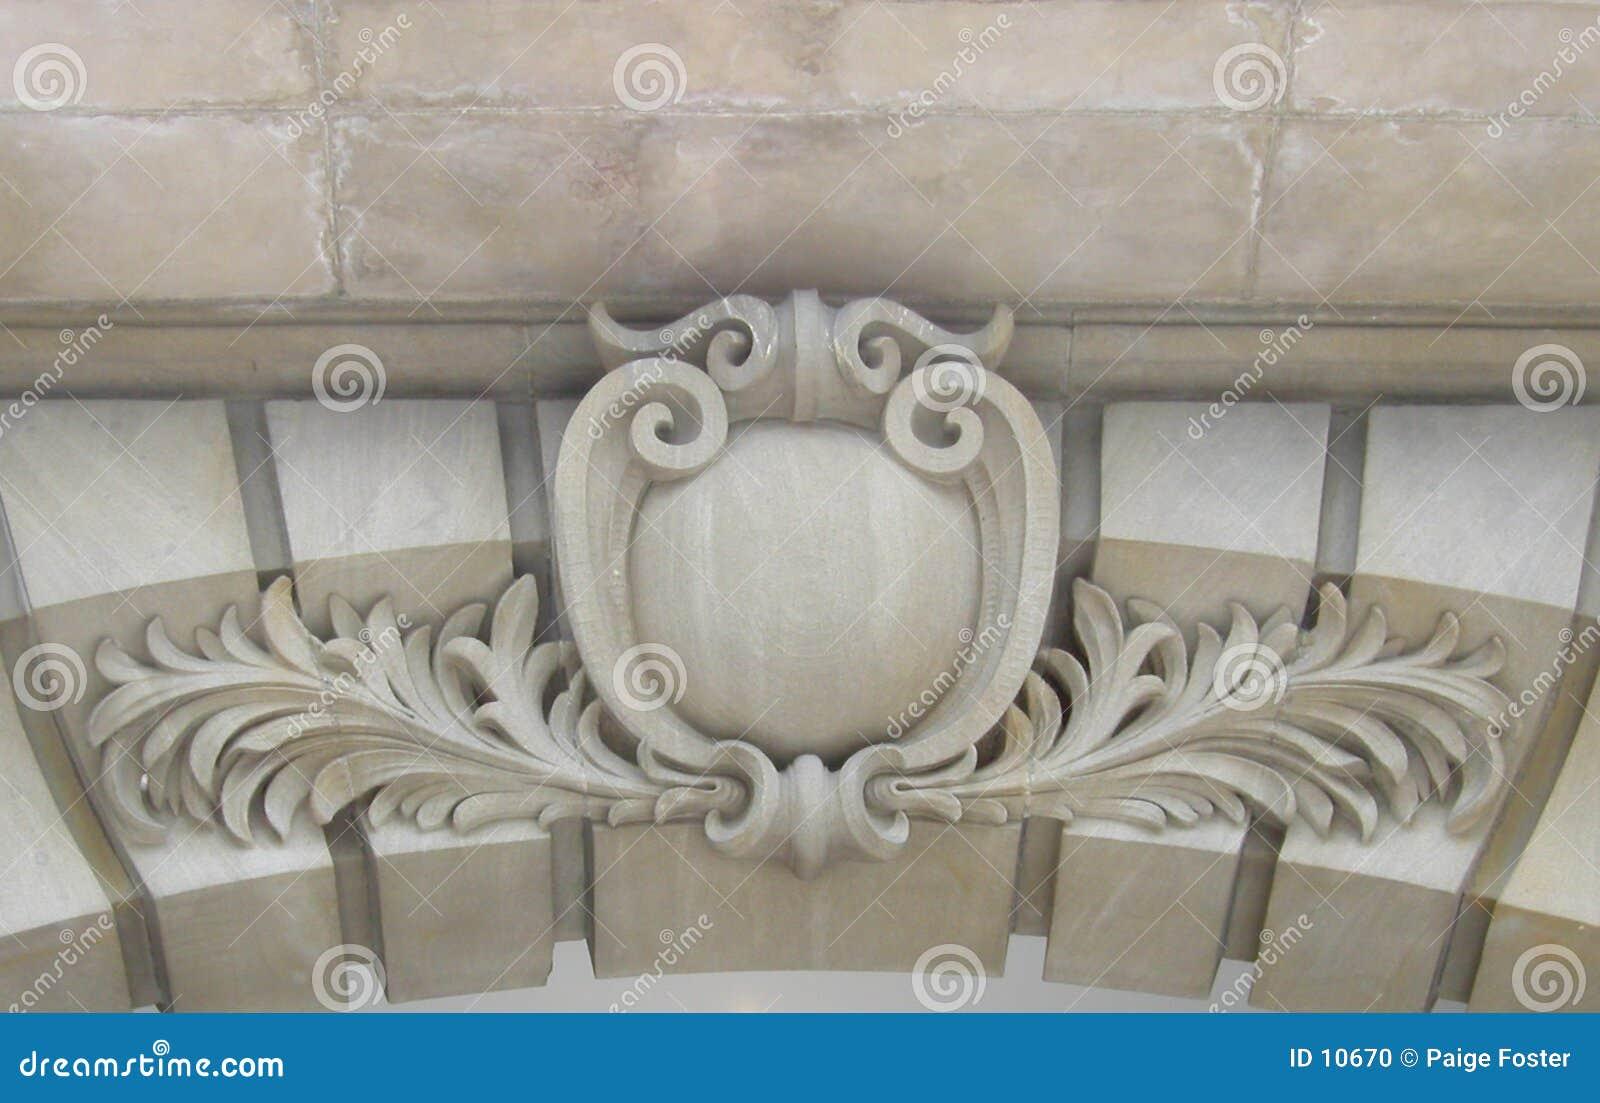 αρχιτεκτονική λεπτομέρεια 3